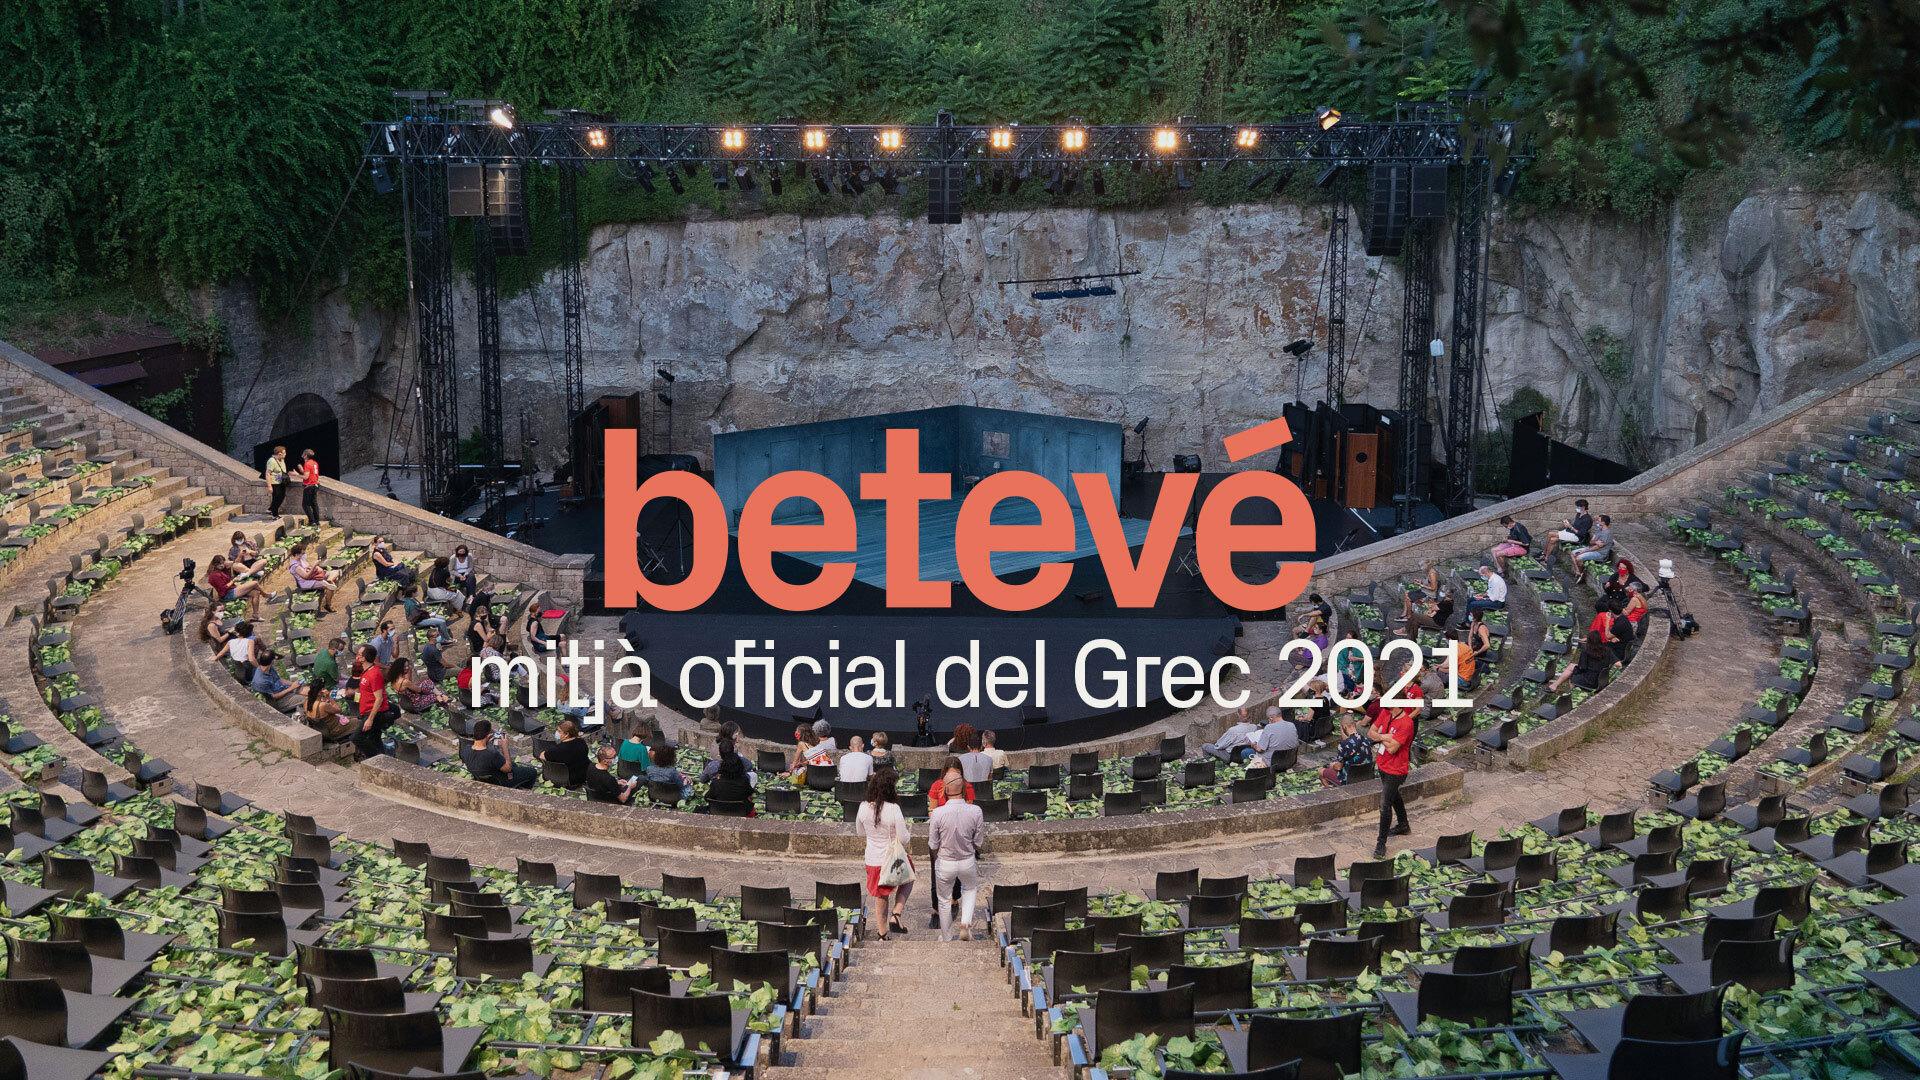 beteve amb el grec 2021